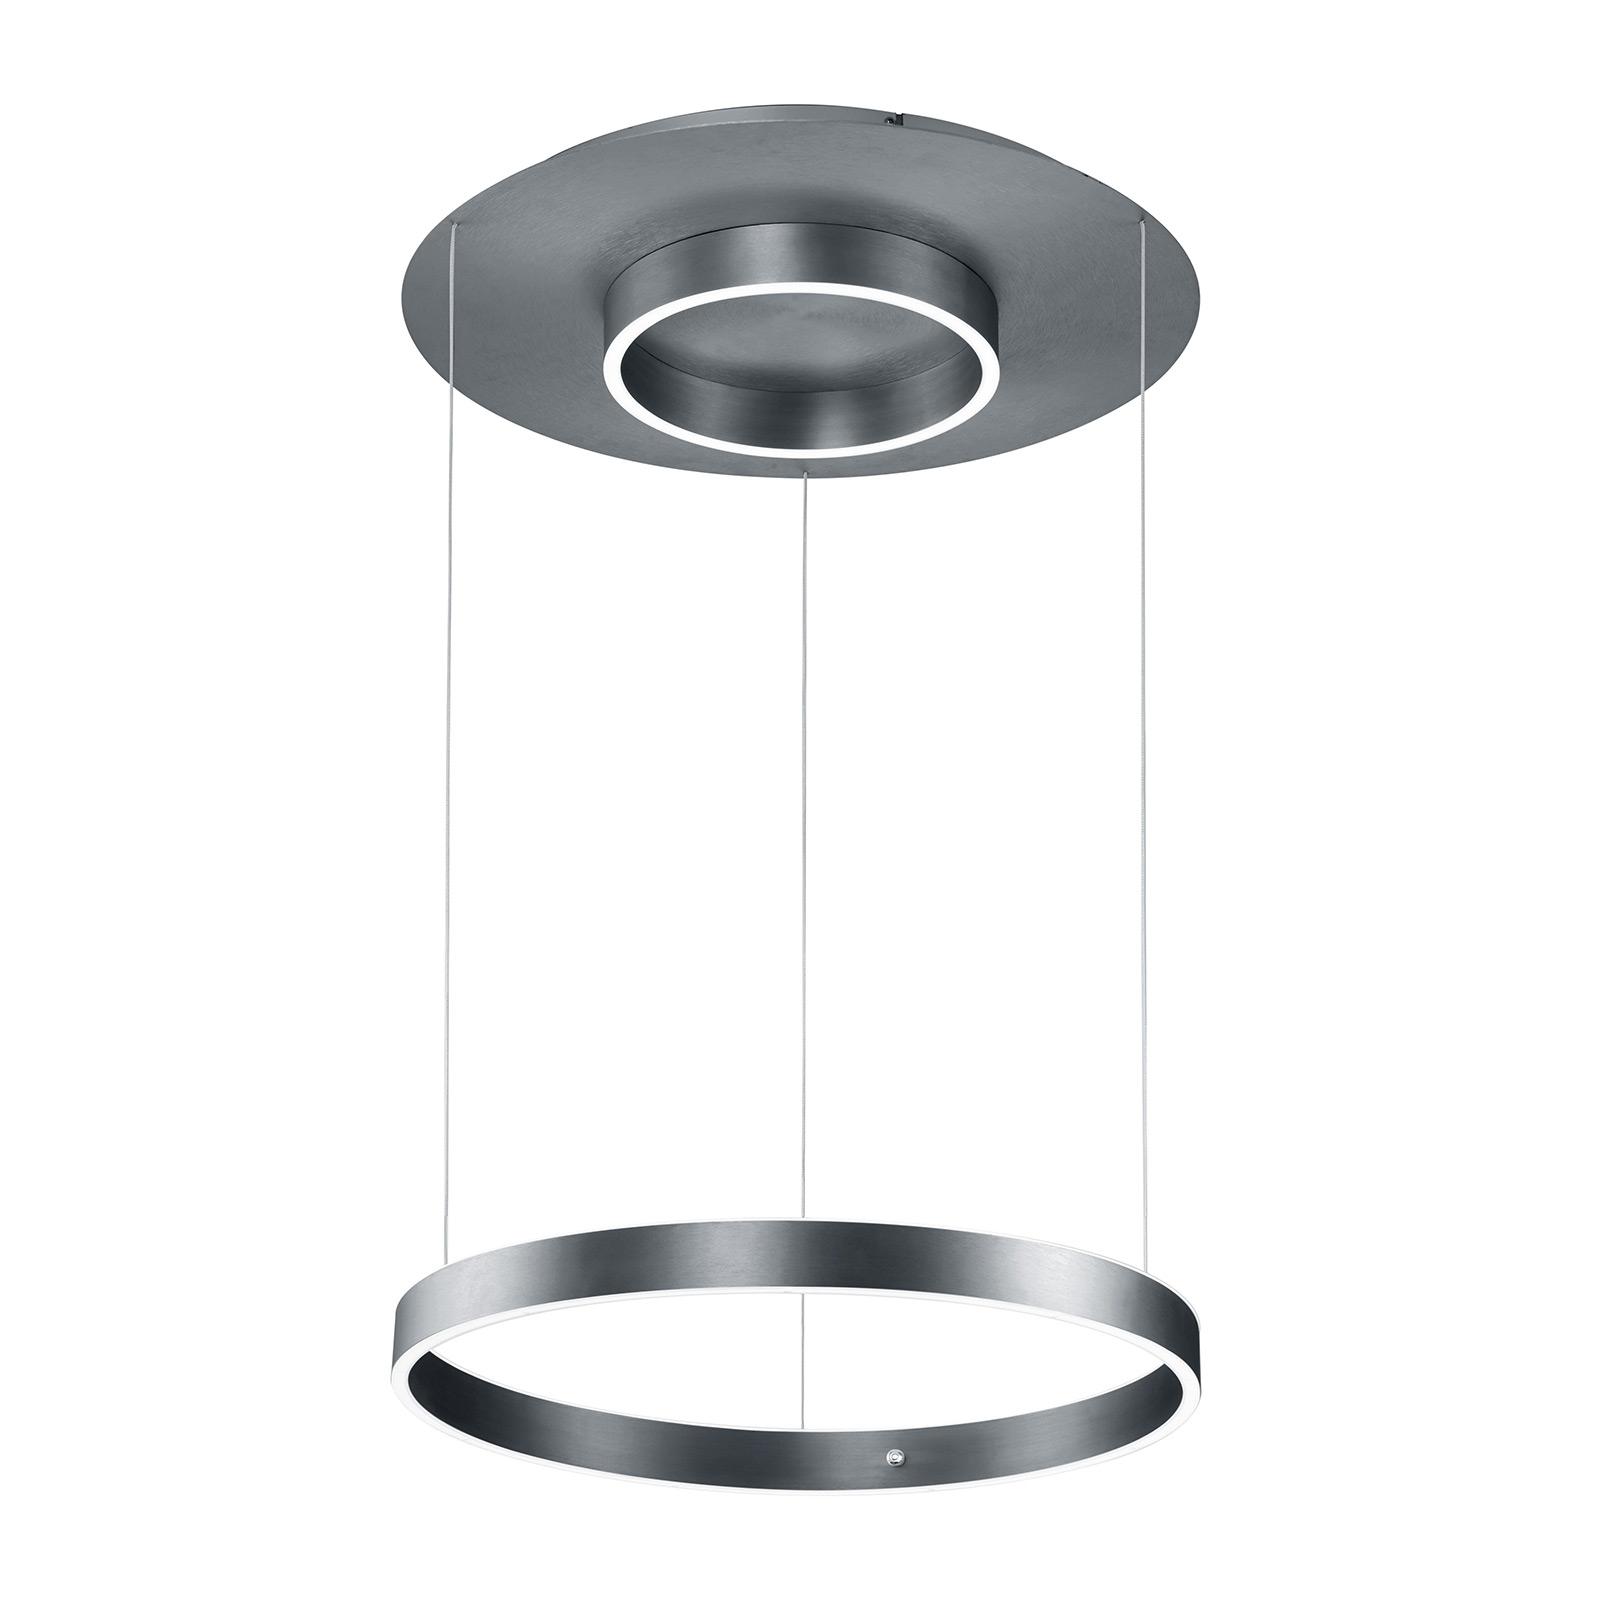 B-Leuchten Delta LED hanglamp 60cm, antraciet